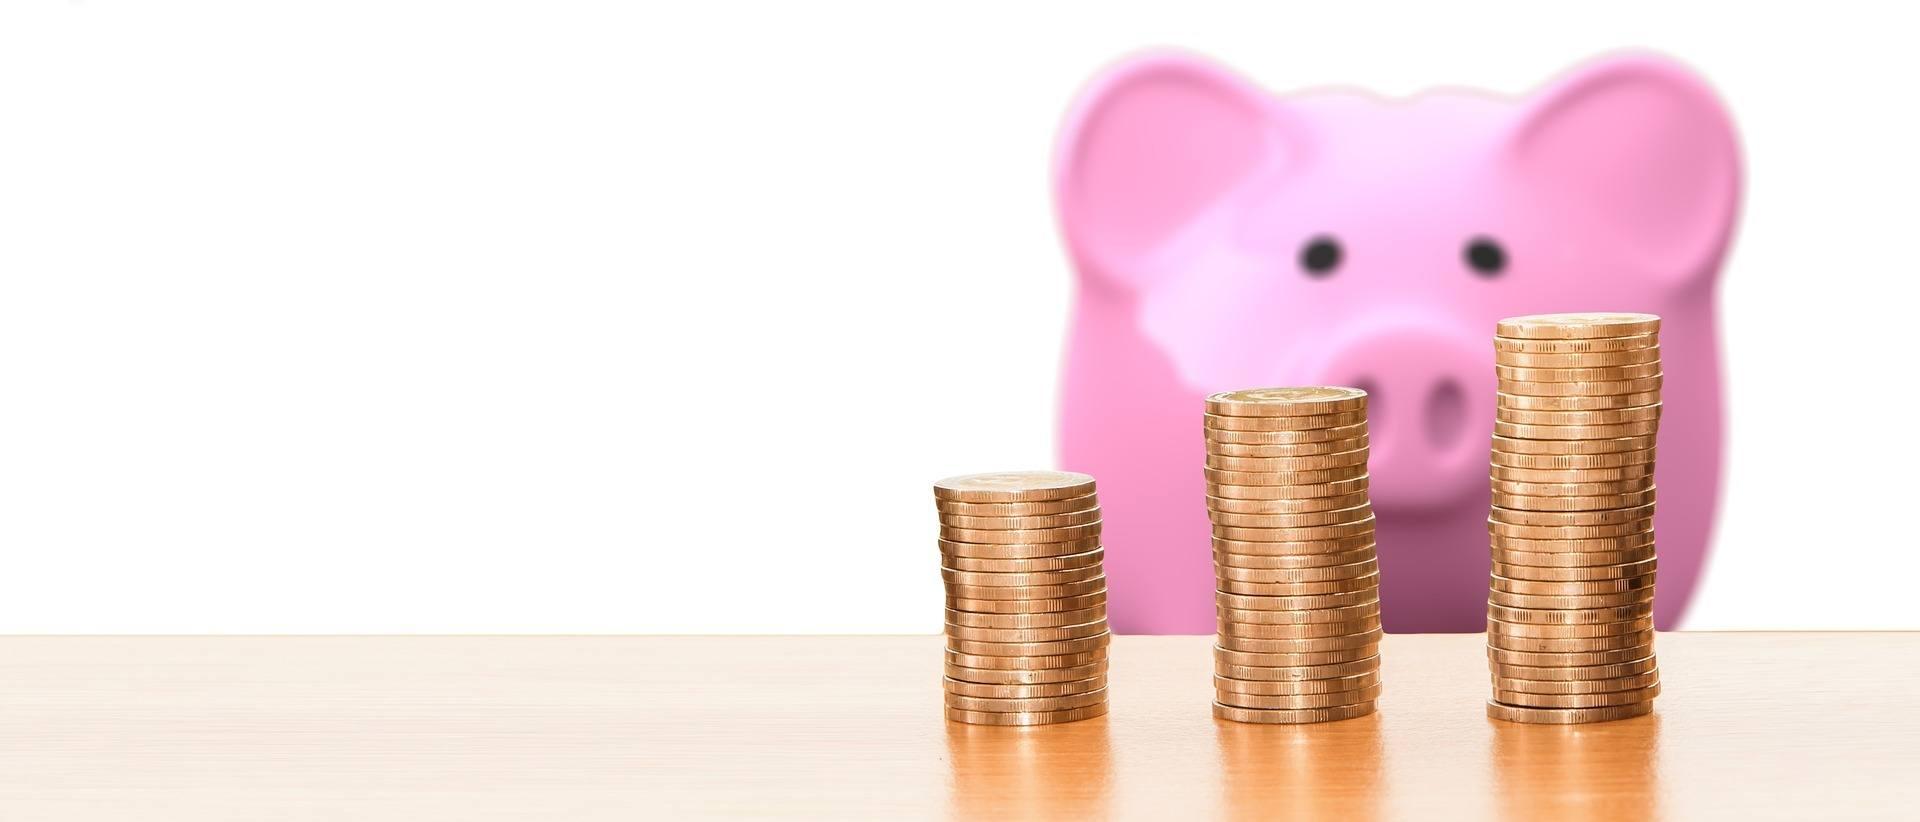 Budgetieren und Sparen - mit dem 3 Konten Modell und dem System der 6 Jars